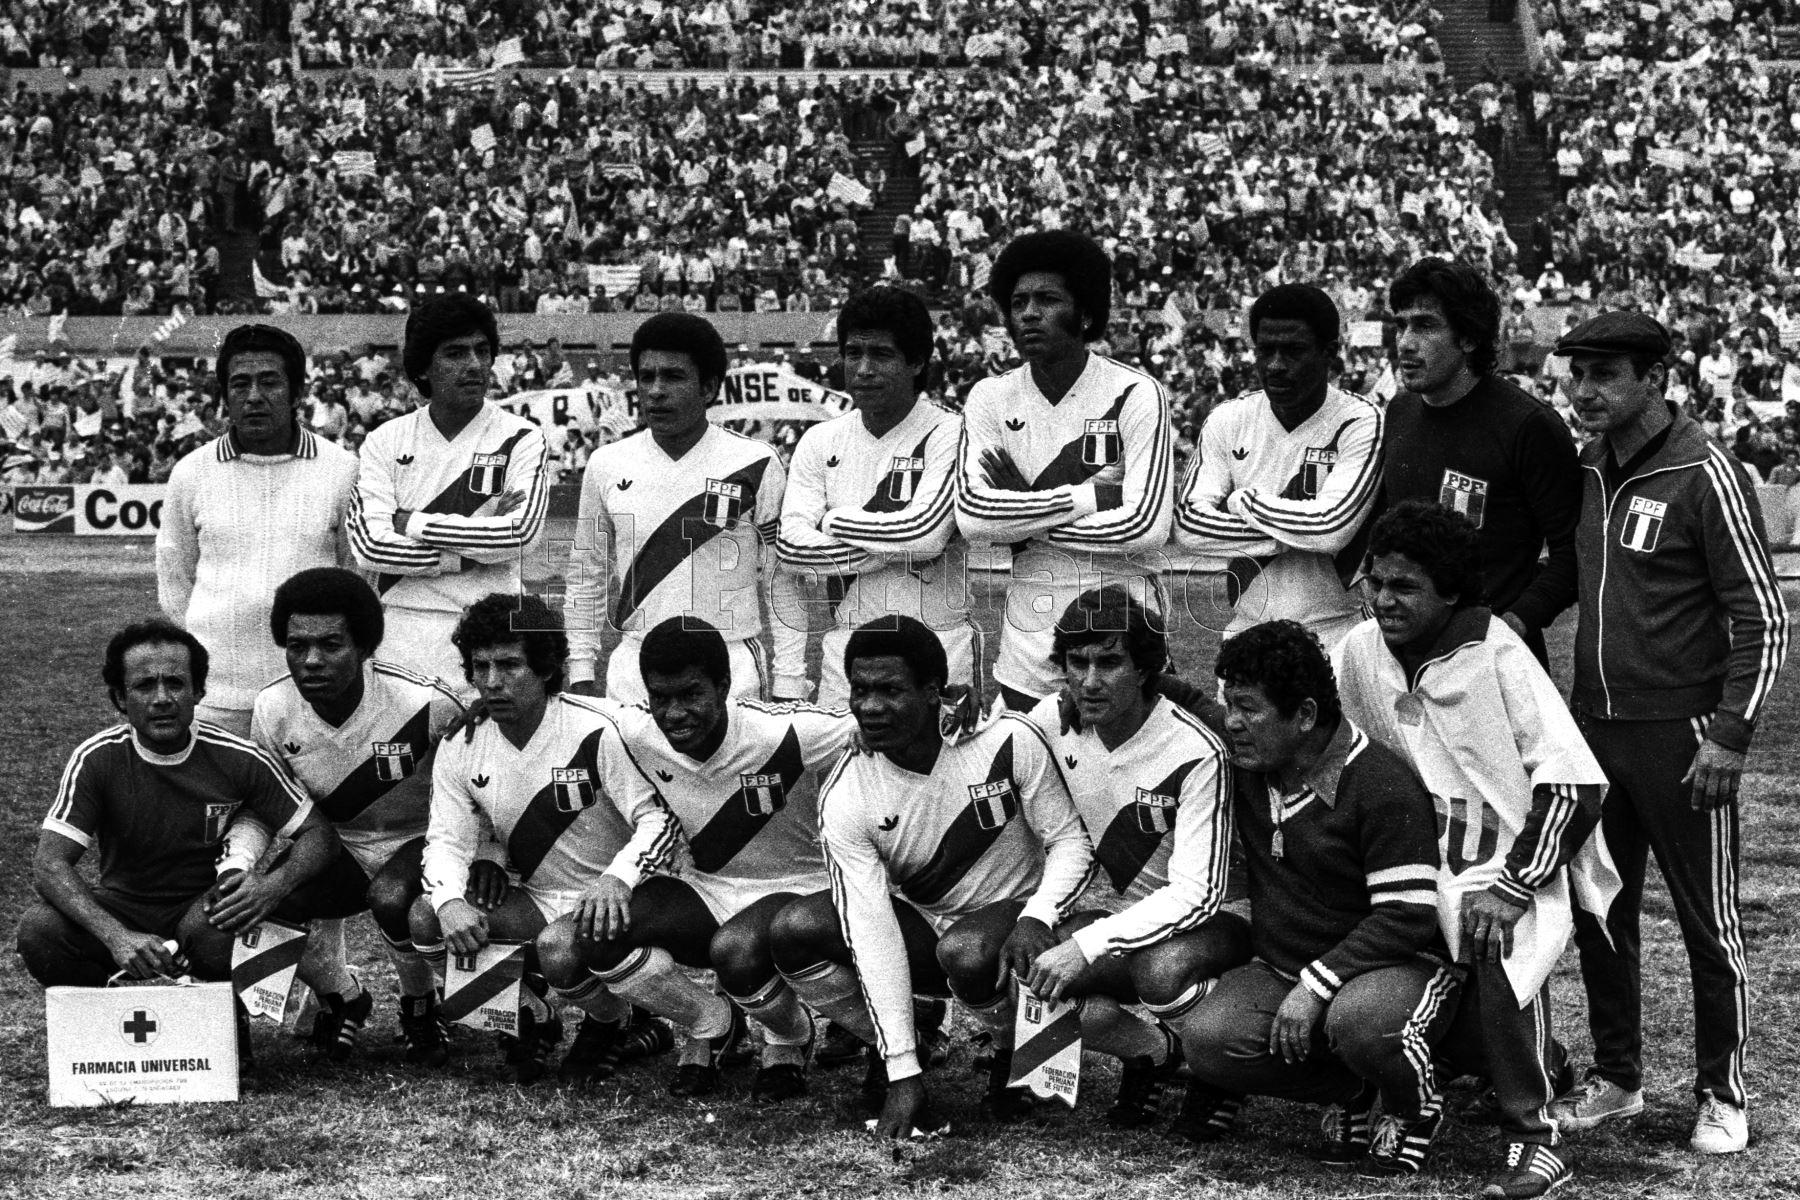 Montevideo, Uruguay - 23 agosto 1981 / Formación de la selección peruana de fútbol que hoy alcanzó la punta del Grupo 2 de las eliminatorias sudamericanas  para el Mundial de España 82 al vencer a Uruguay por 2-1 en el mítico Estadio Centenario.Foto: Archivo El Peruano/ Rómulo Luján